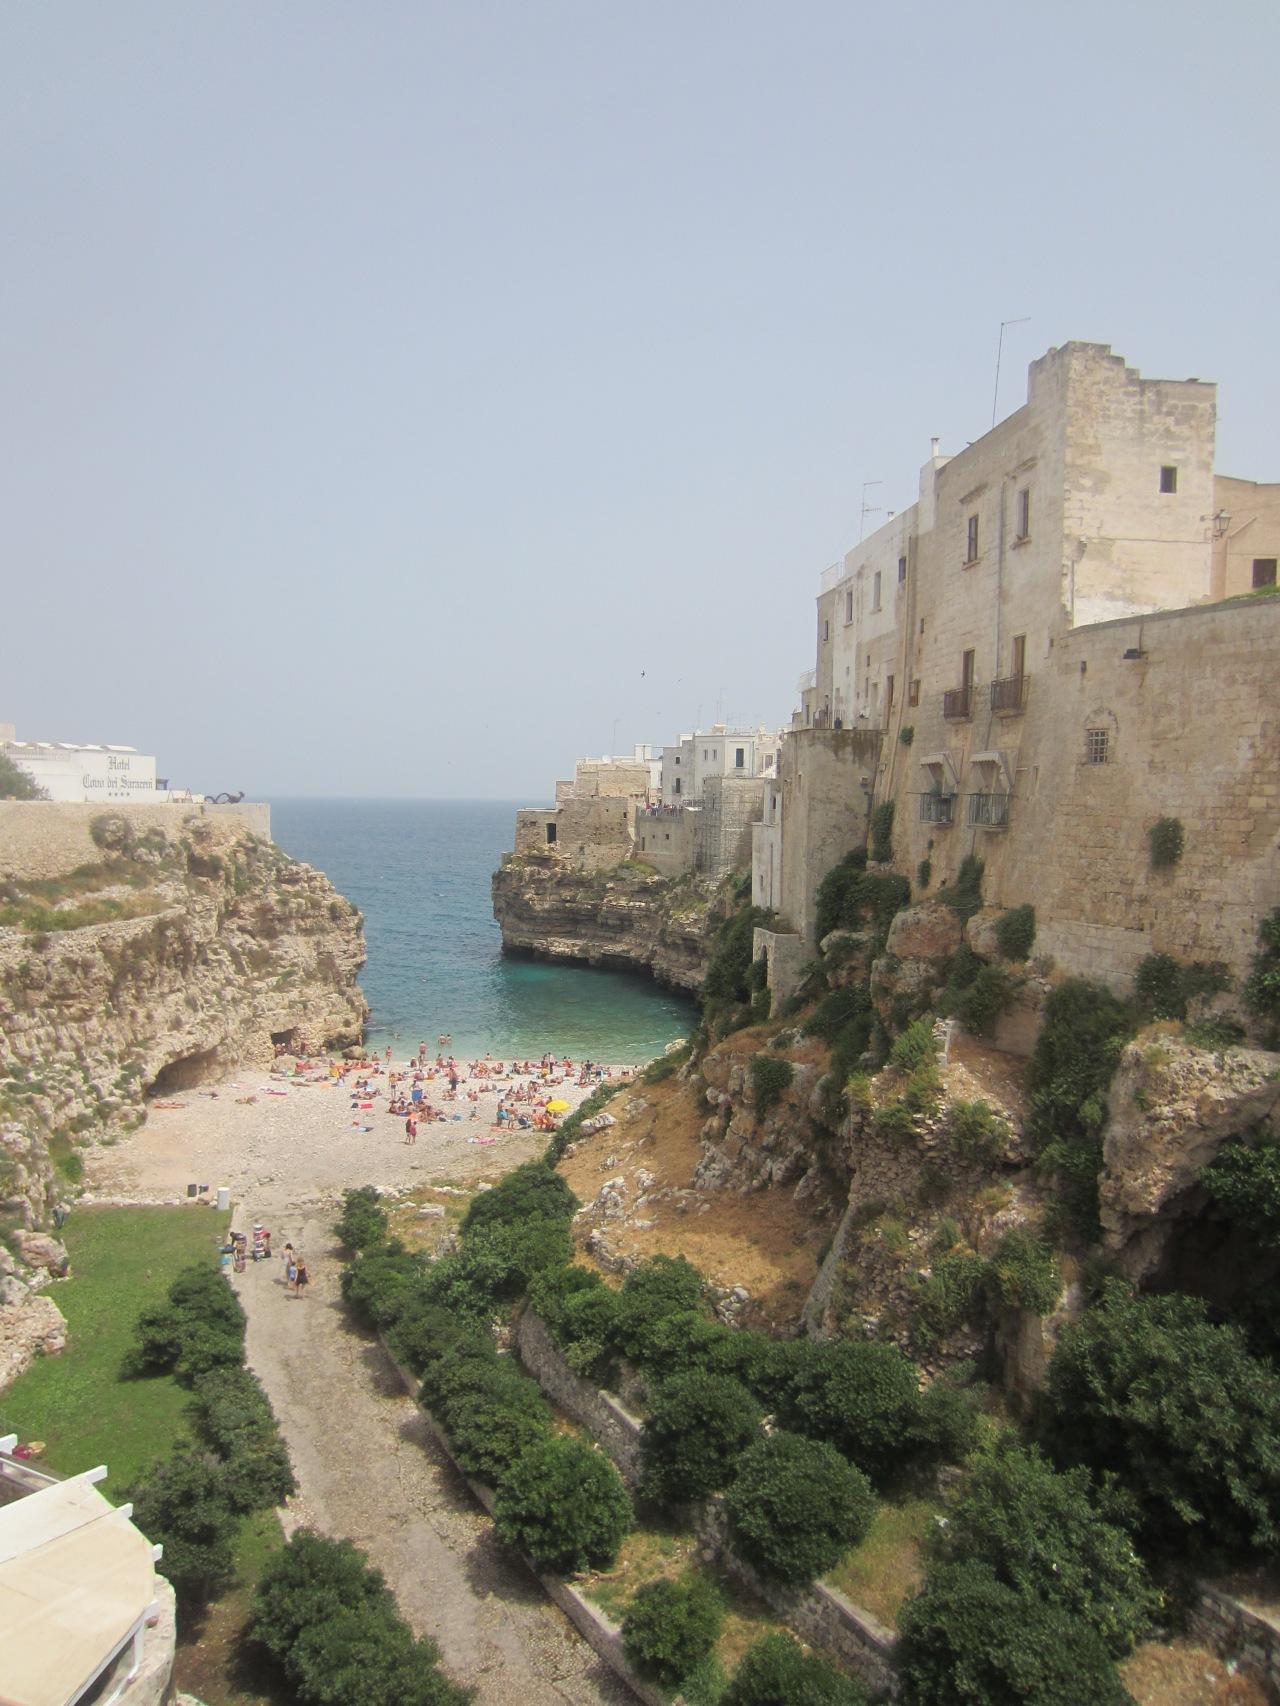 Polignano a Mare: Puglia at itsbest